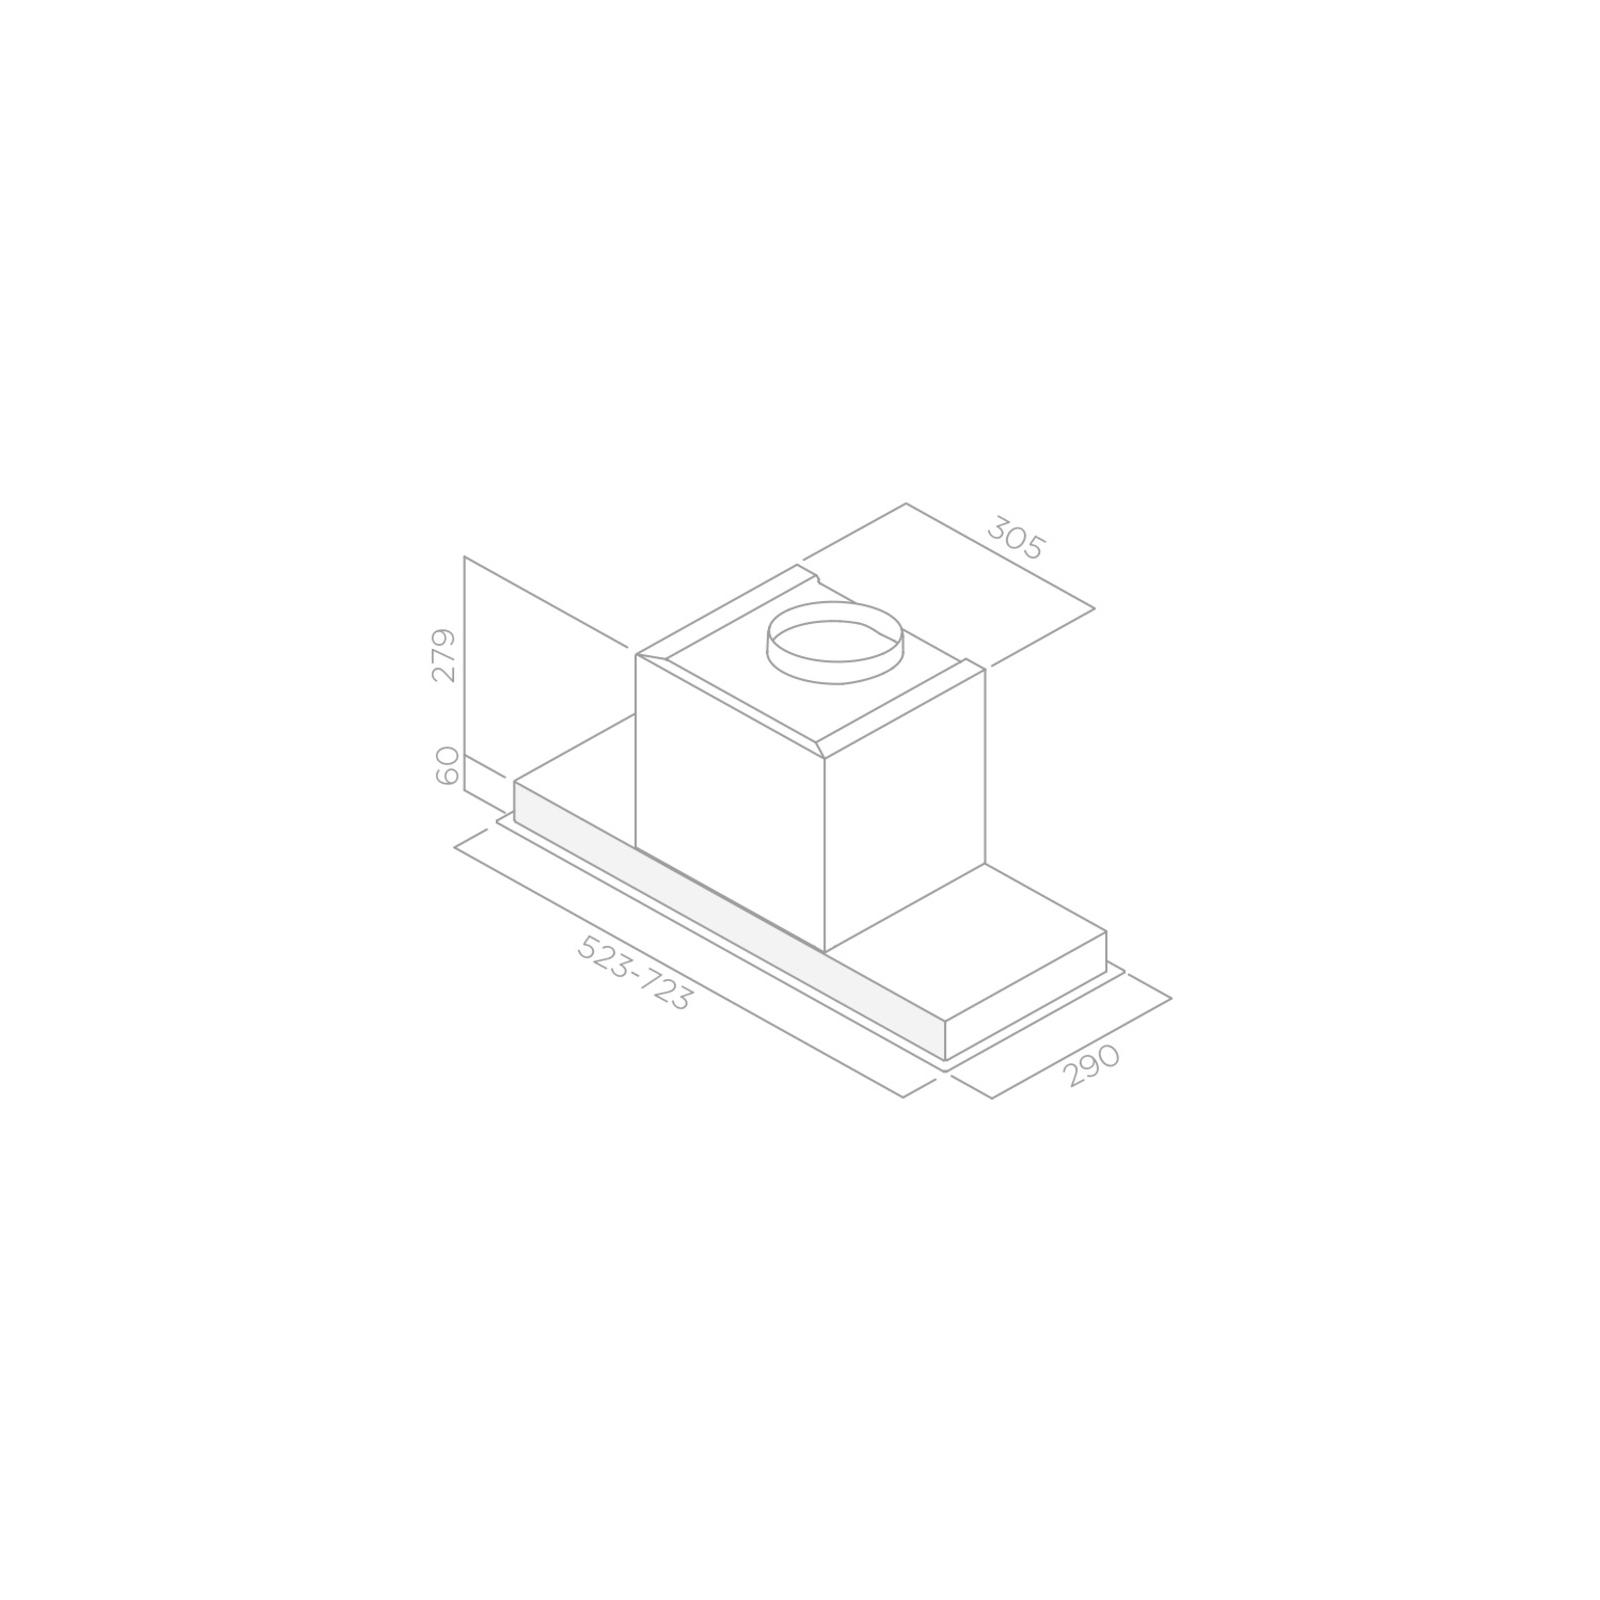 Вытяжка кухонная Elica HIDDEN IXGL/A/60 изображение 3